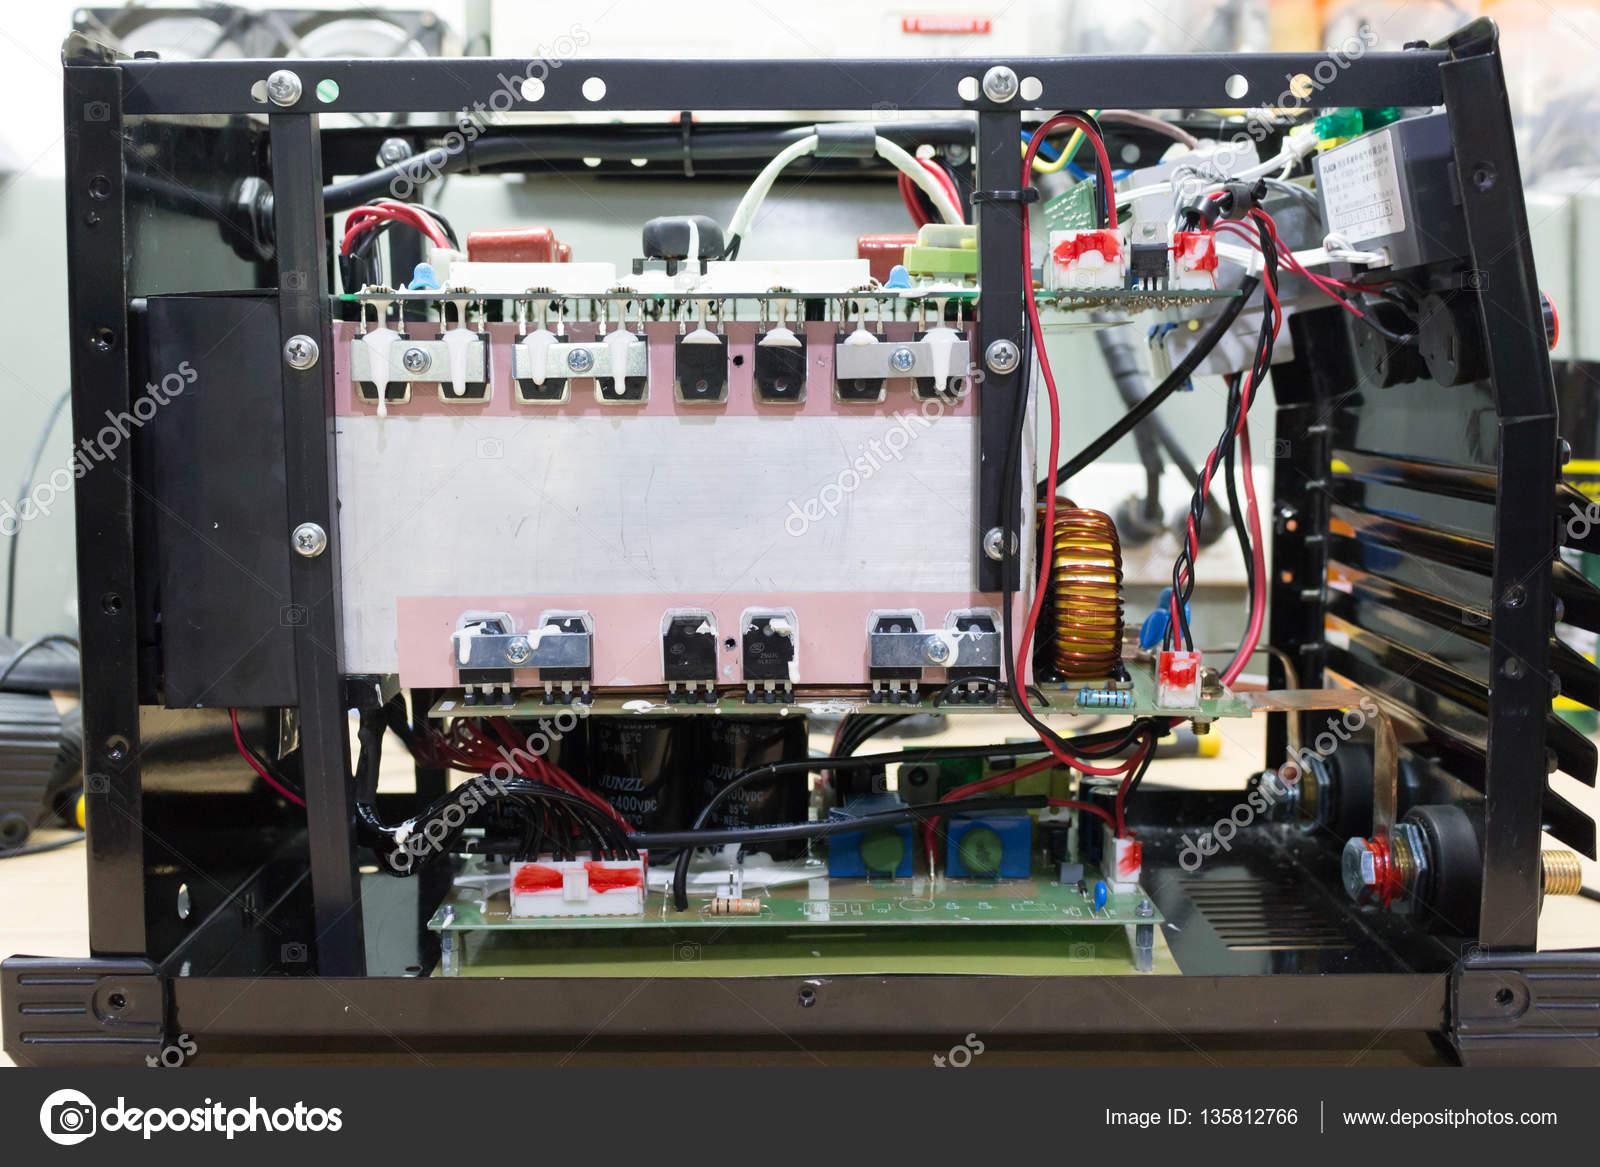 electronic circuit board in welding \u2014 stock photo © nanaboo 135812766electronic circuit board in welding \u2014 stock photo